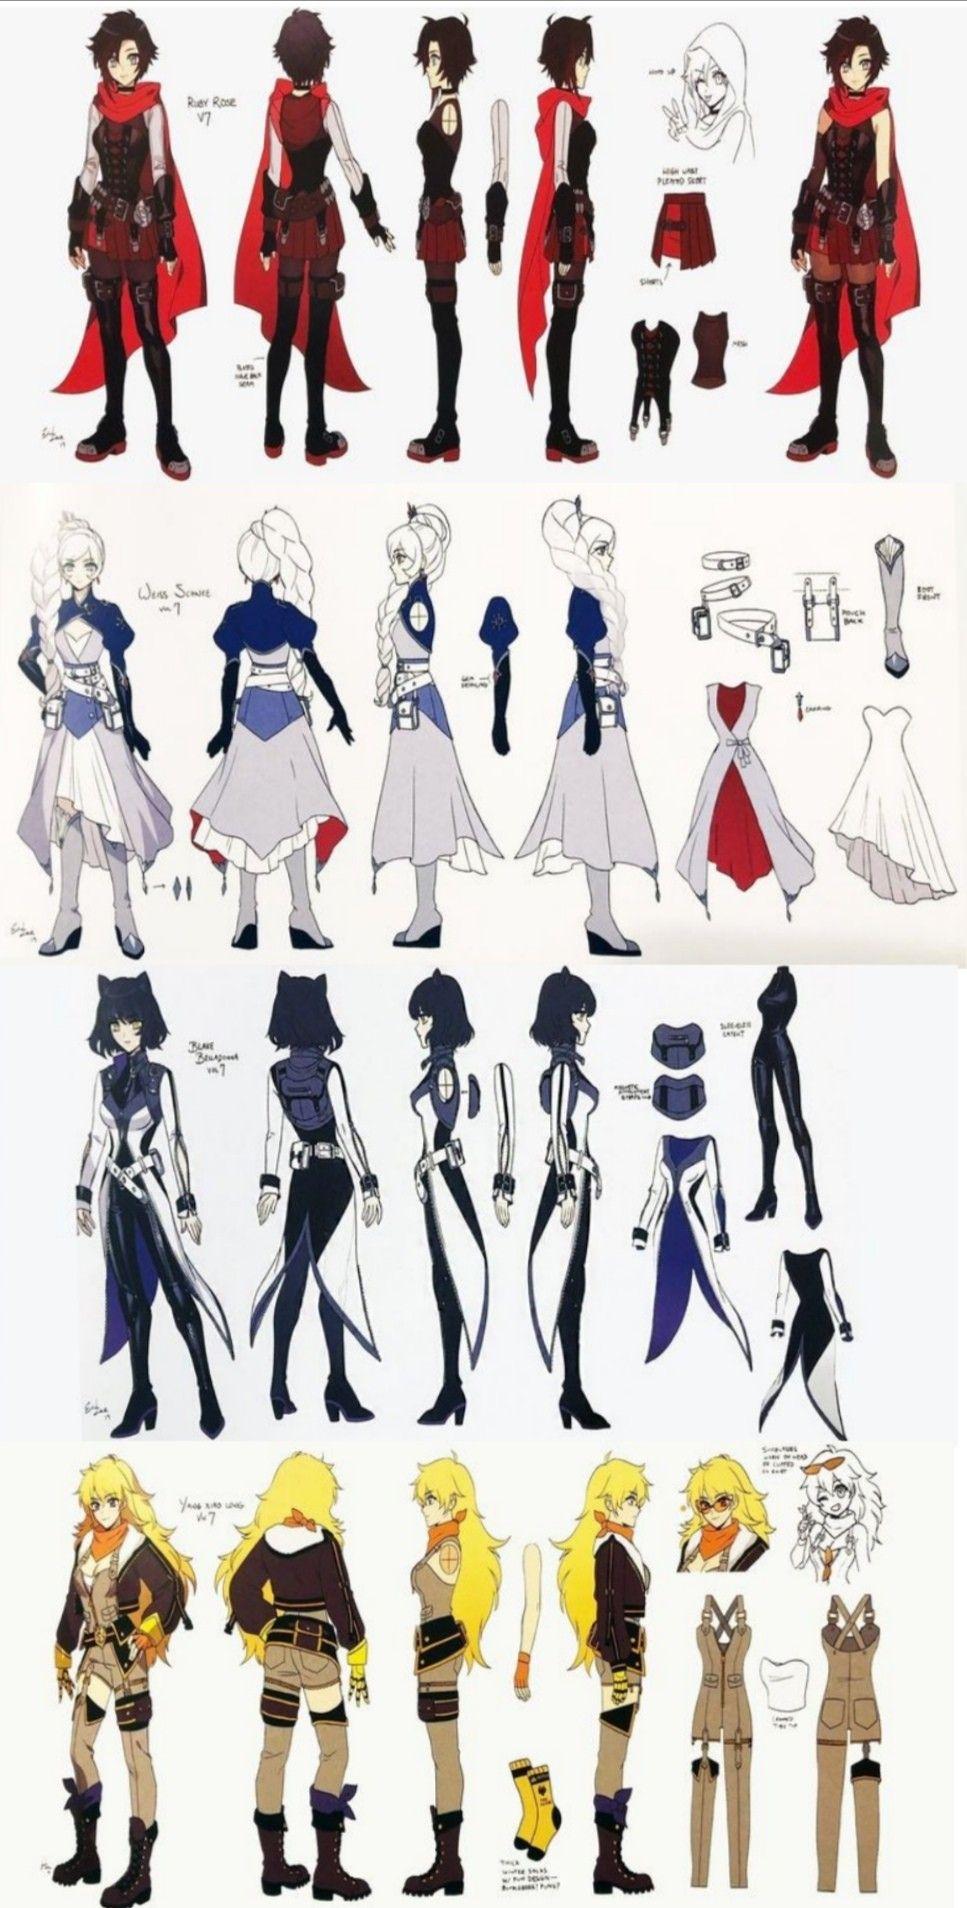 rwby vol 6  Rwby cosplay, Rwby anime, Rwby